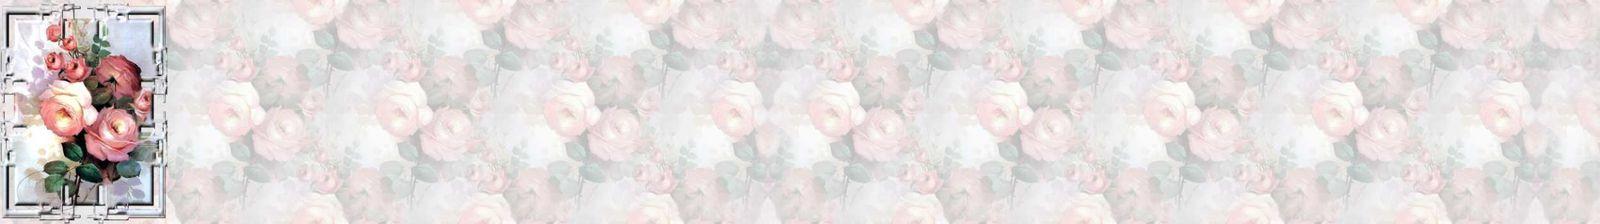 Roses bouquet Incredimail & Papier A4 h l & outlook & enveloppe & 2 cartes A5  rose_flowerscan224